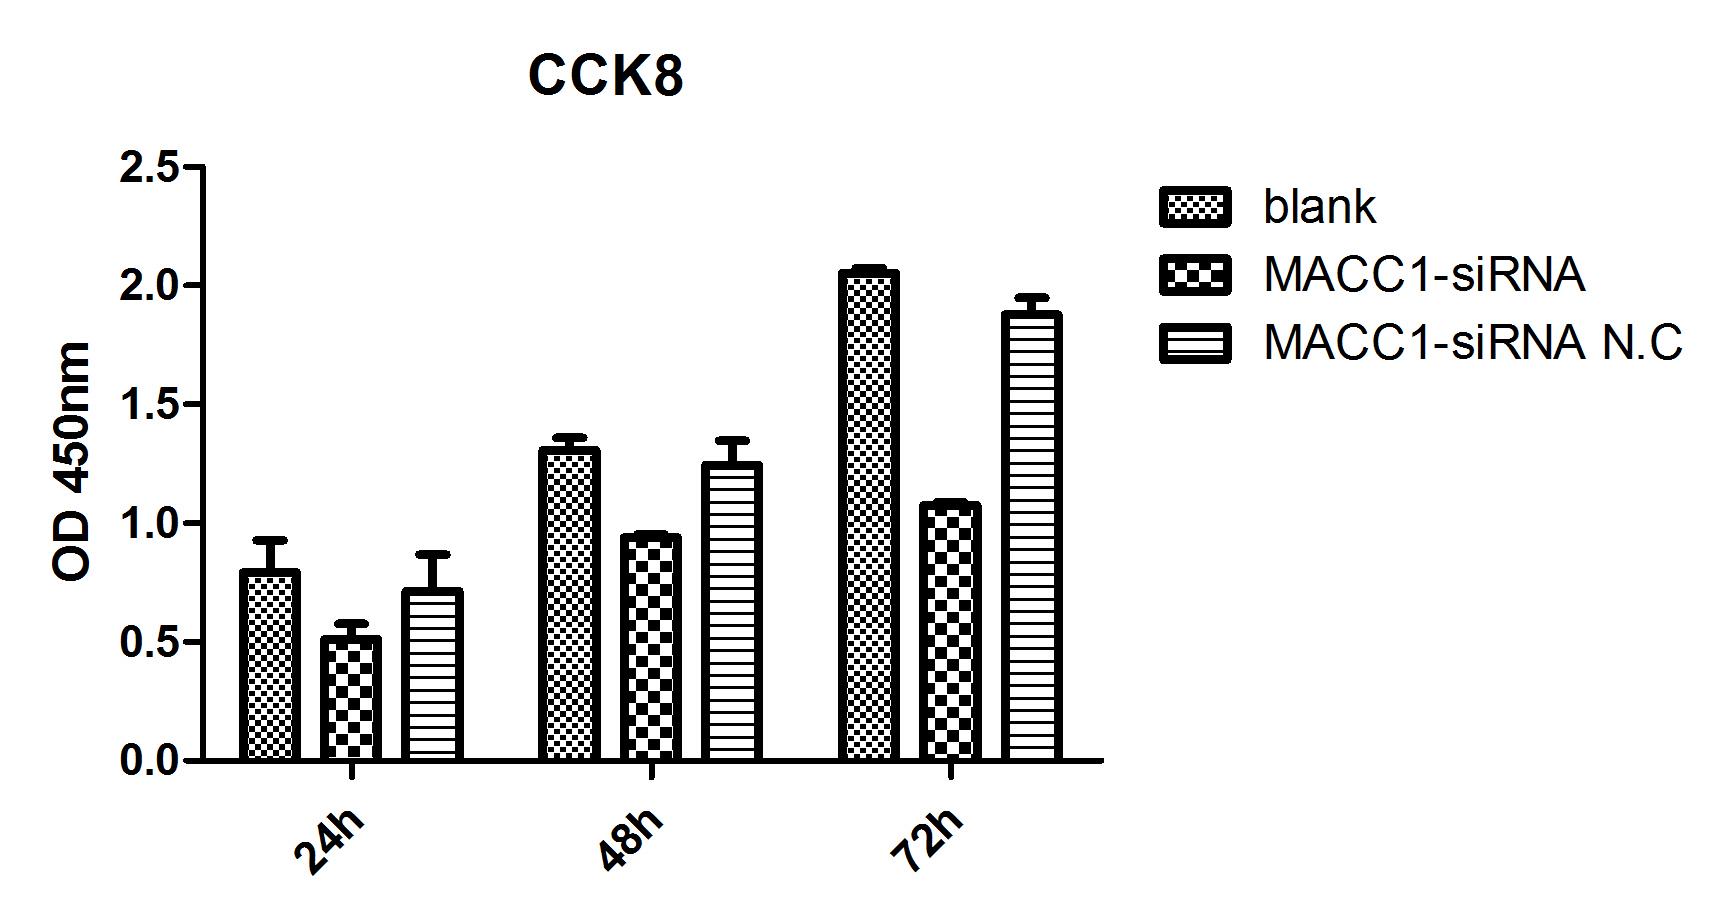 细胞增殖与细胞生长曲线实验(CCK 8/MTT/WST)